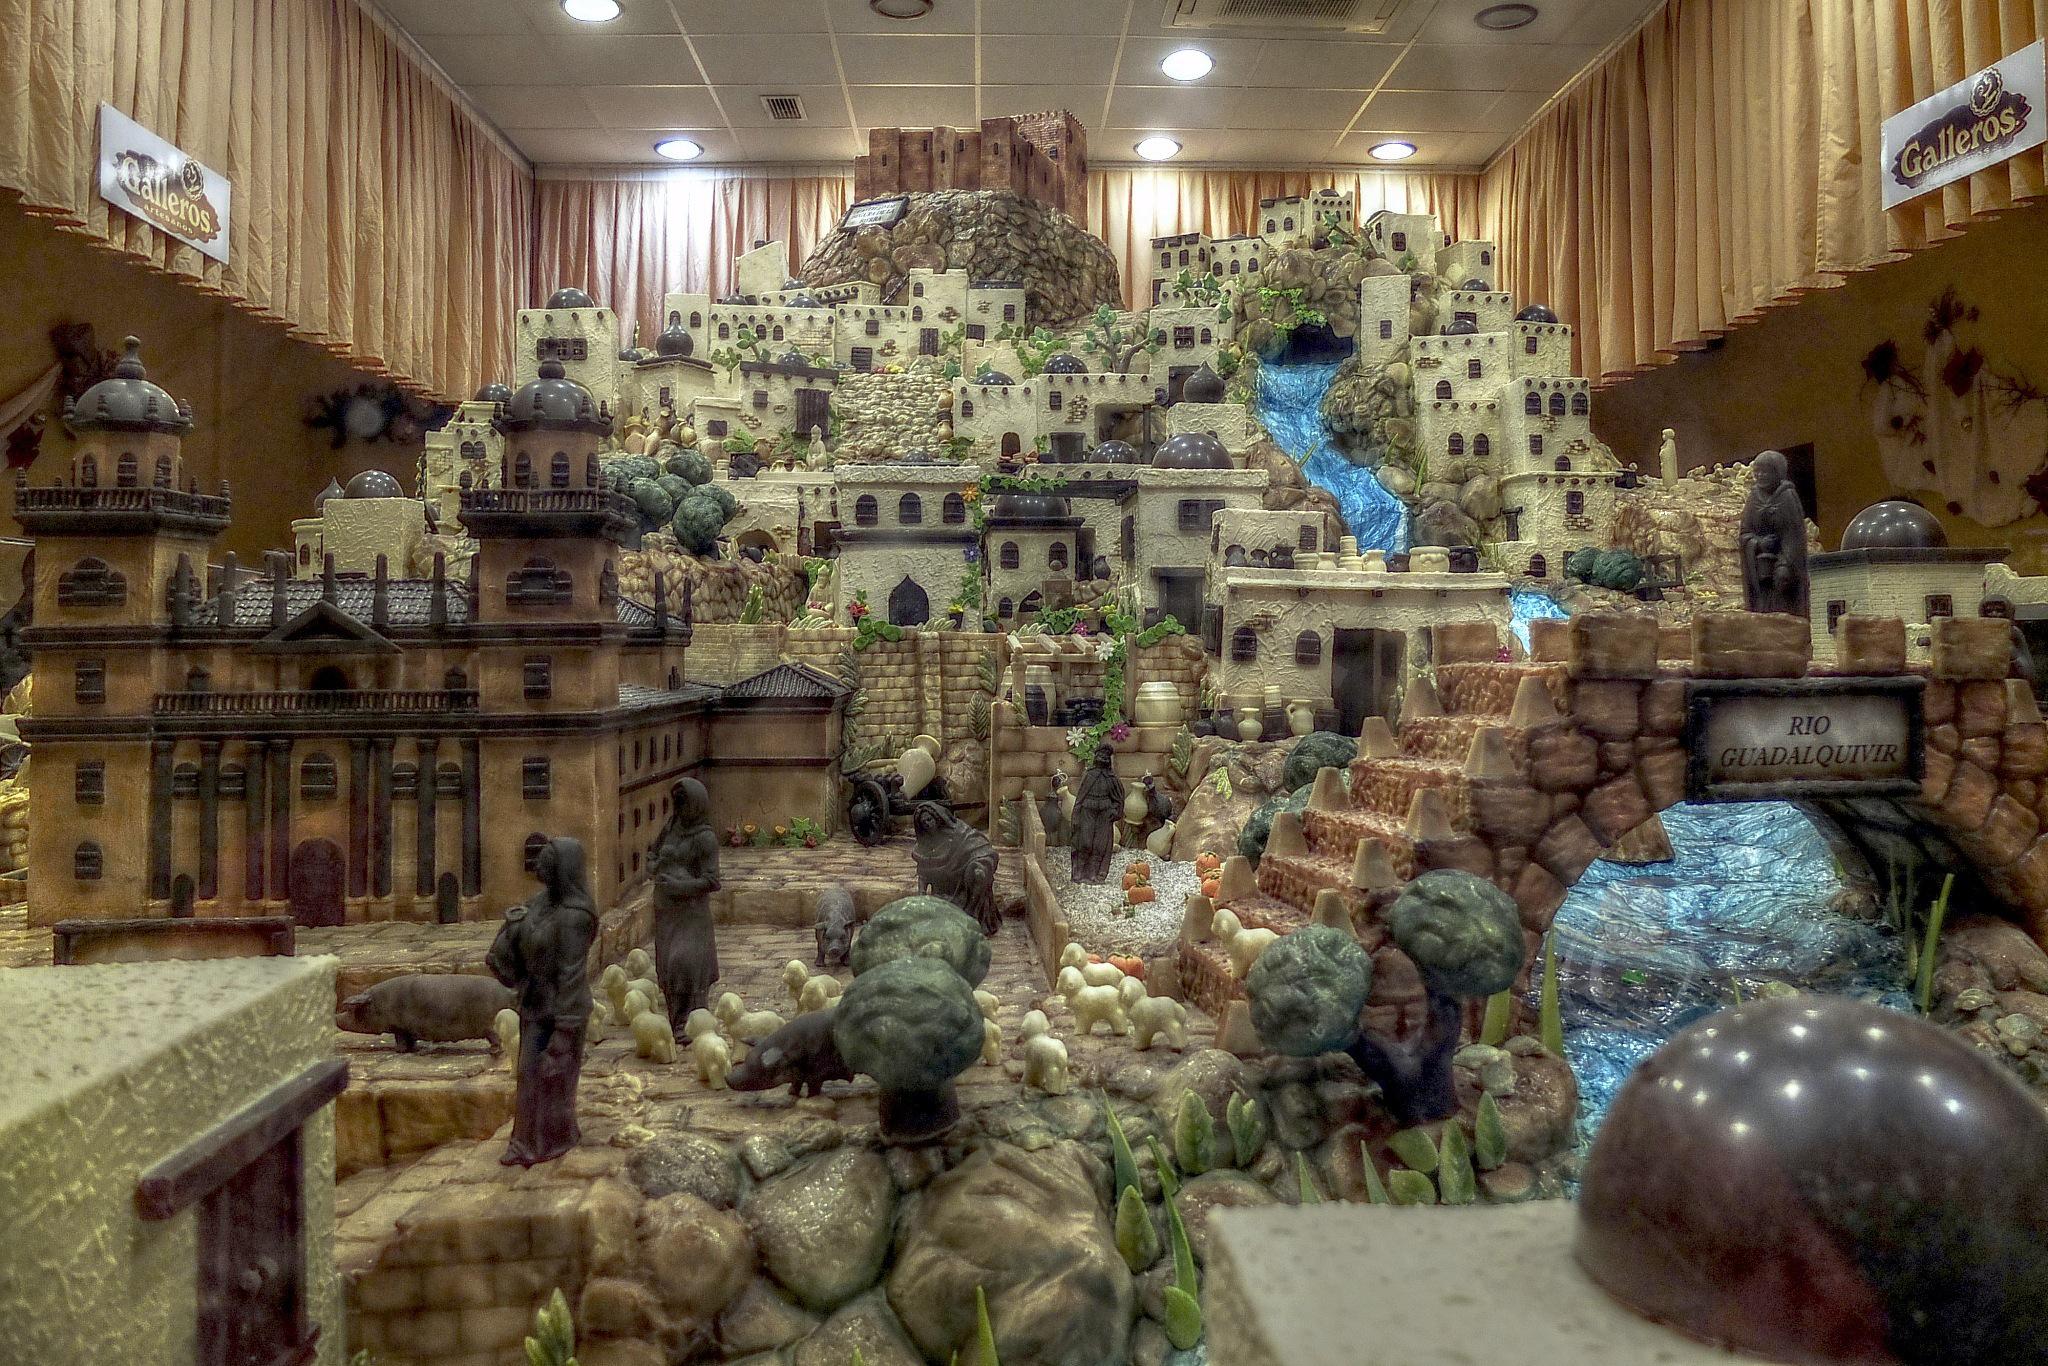 Noël en Andalousie: Scène de nativité à Rute